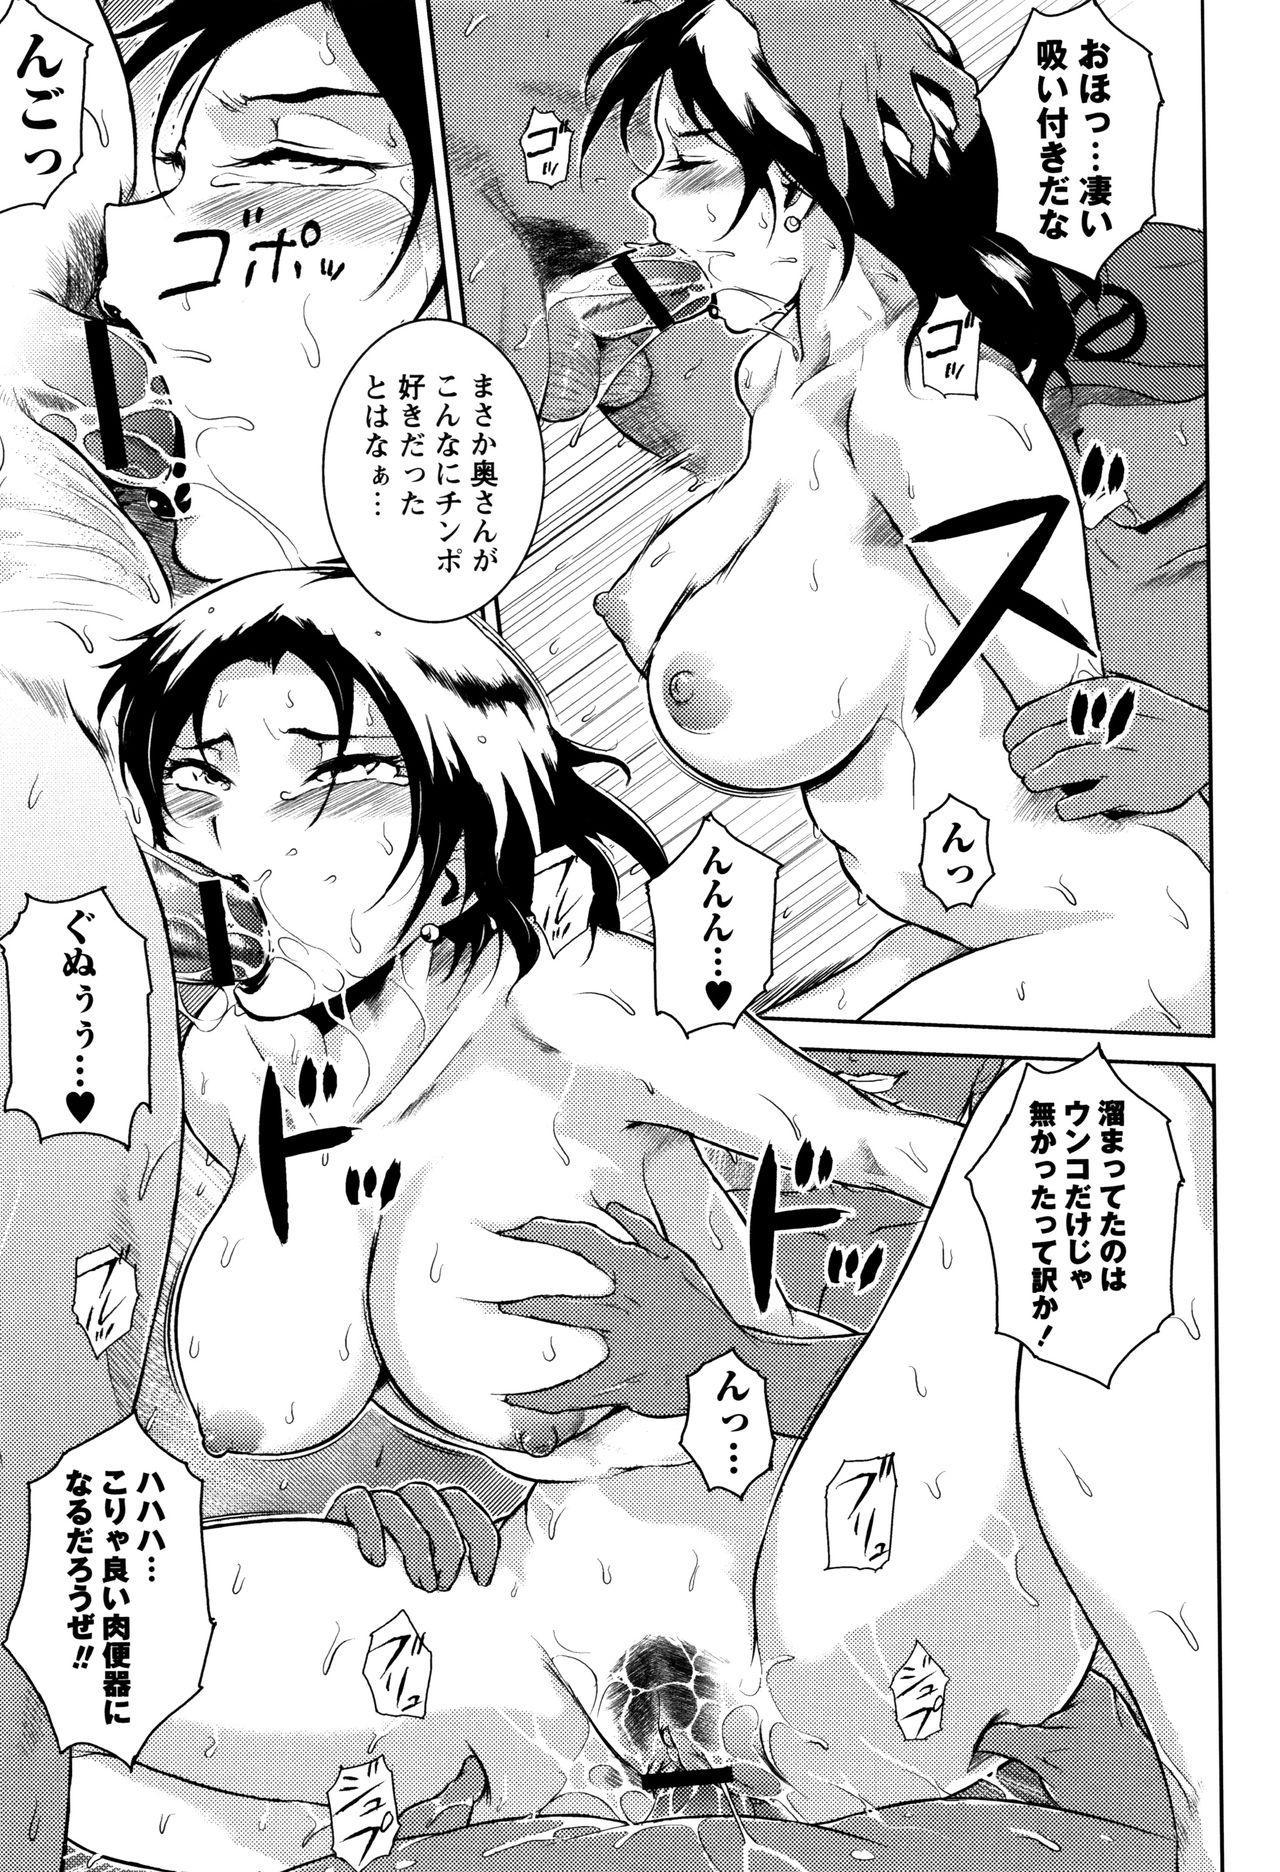 Ero BBA ♥ Dosukebe Ha Sengen 194